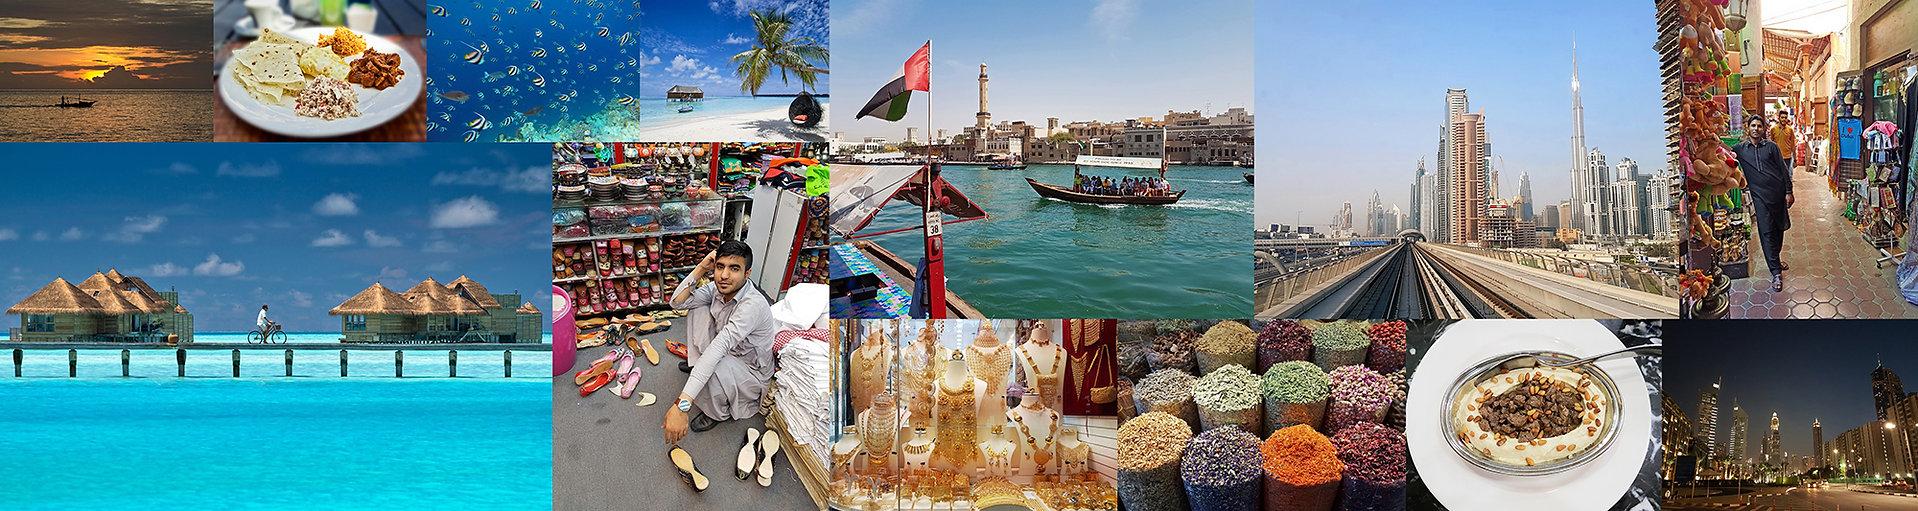 Poznávací zájezd Maledivy a Abu Dhabi